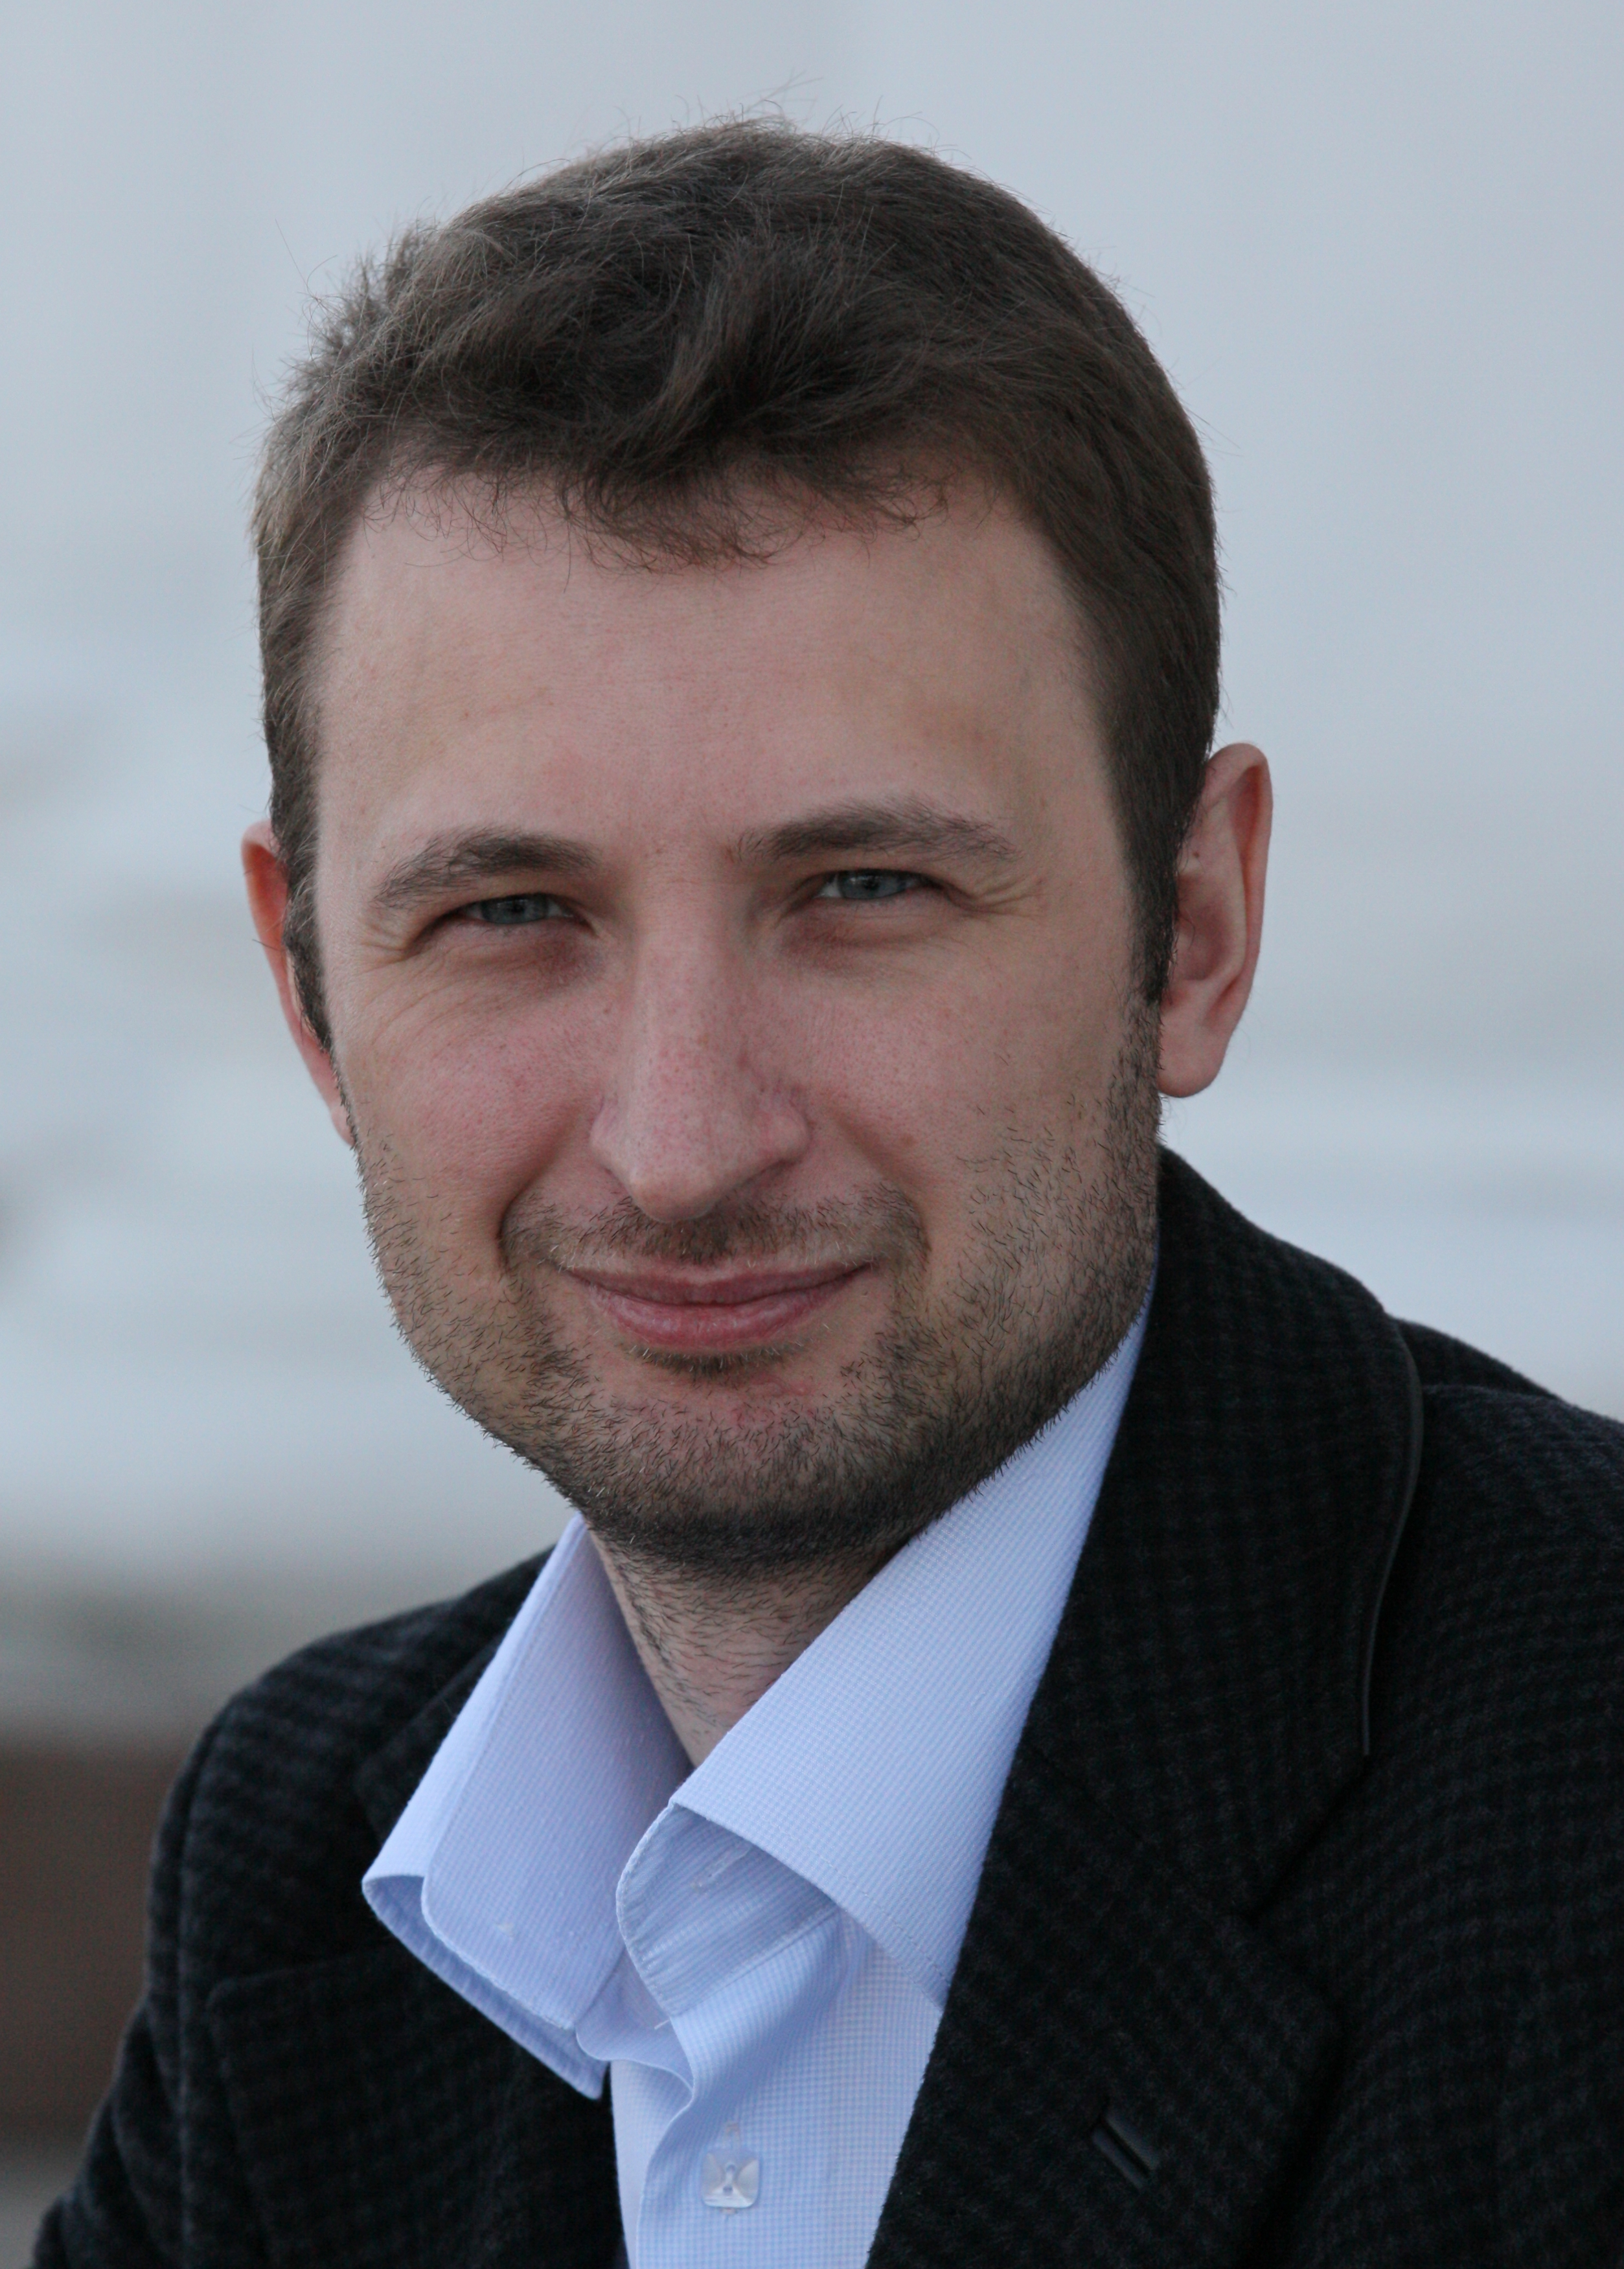 Алексей Табалов, директор фонда «Правовая миссия»